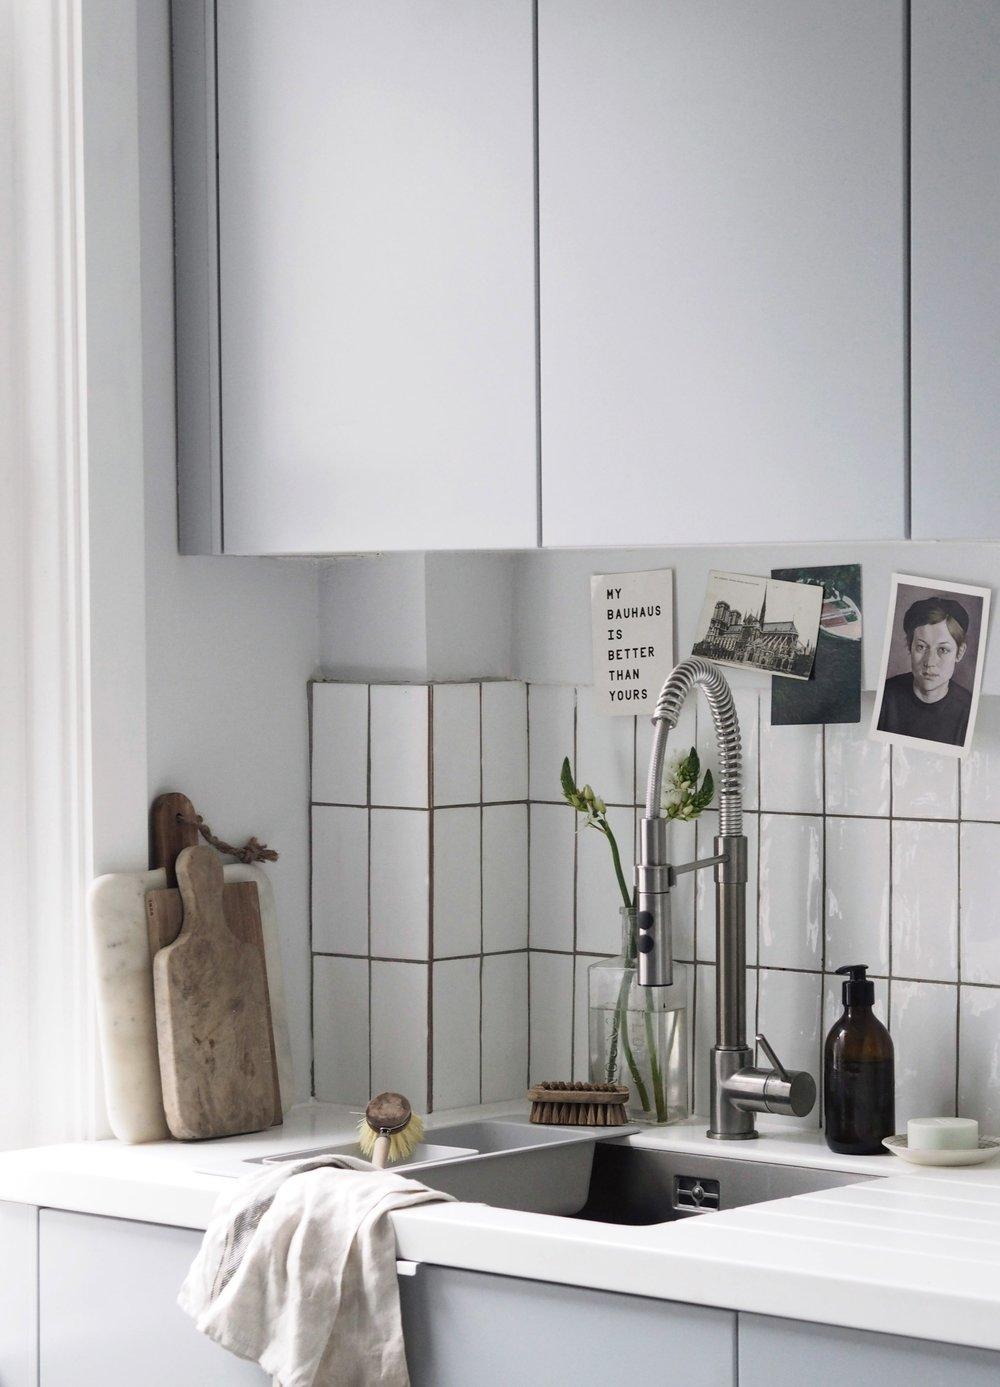 catesthill-ikea-kitchen-75.jpg